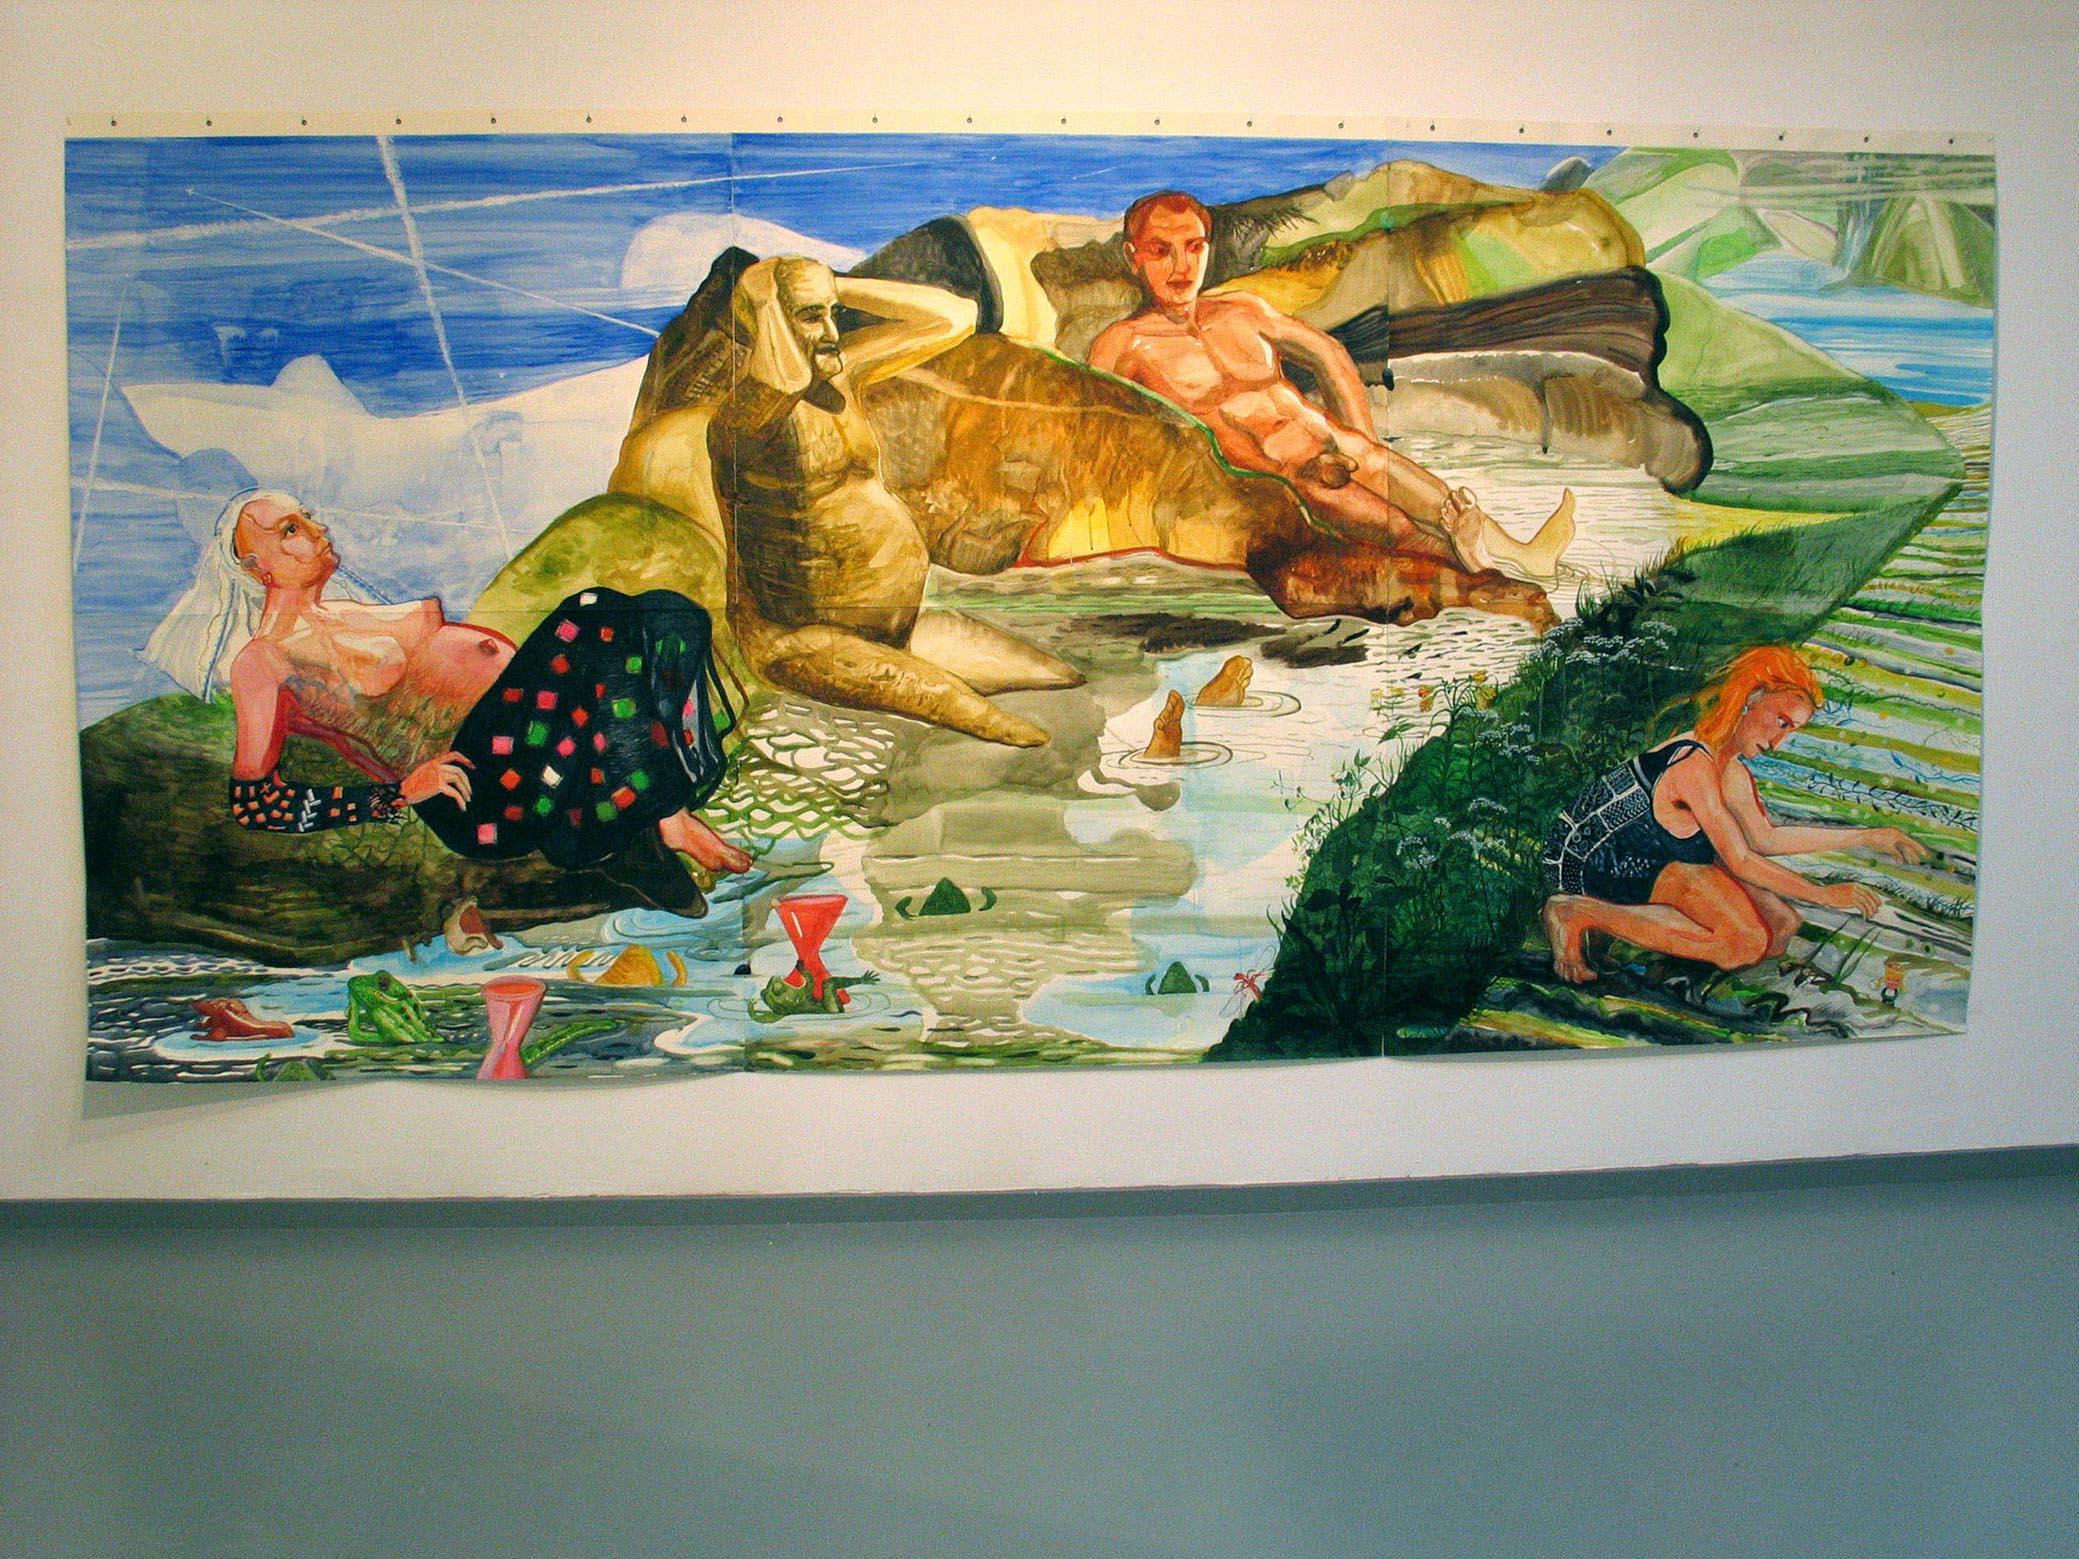 Aanlanden, tempera en waterverf op papier 2006, 2.00 x 4.20 m